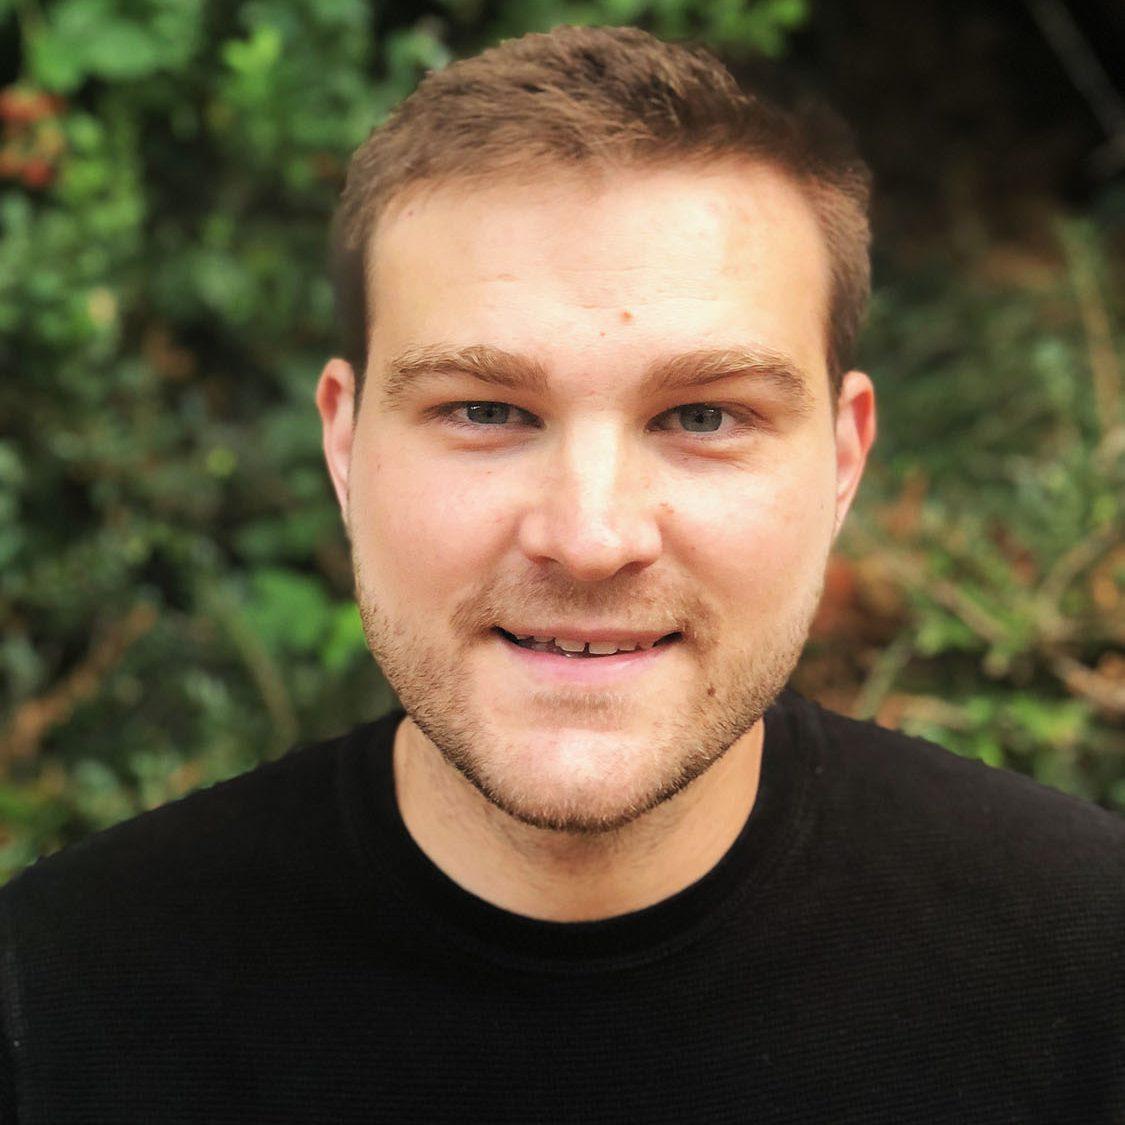 Belis DeMers - Head of Information & Philanthropy | Beeanerd